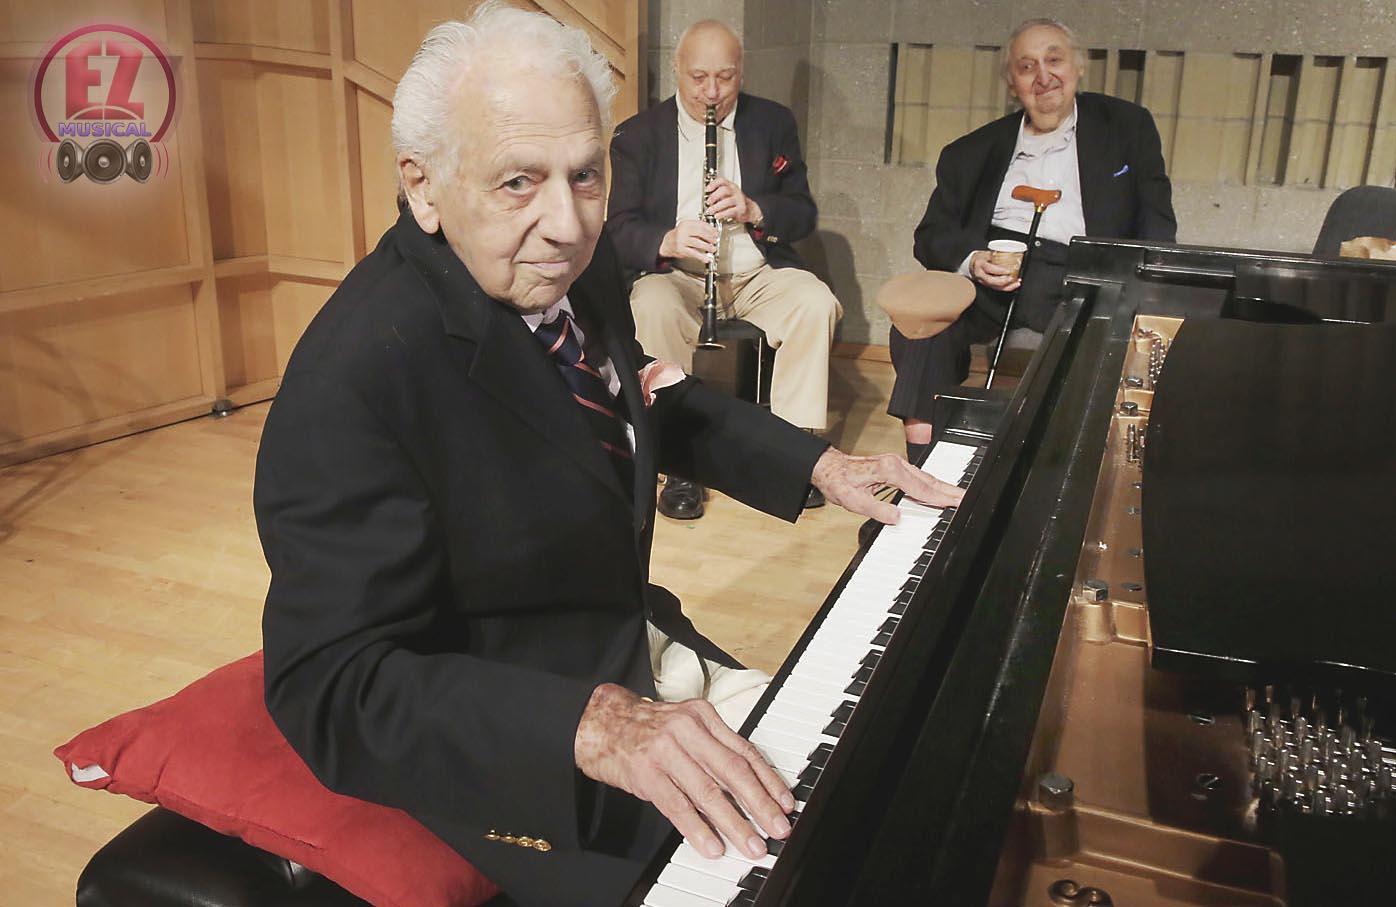 Old Pianist یادگیری موسیقی در سن بالا چه برتری هایی دارد؟